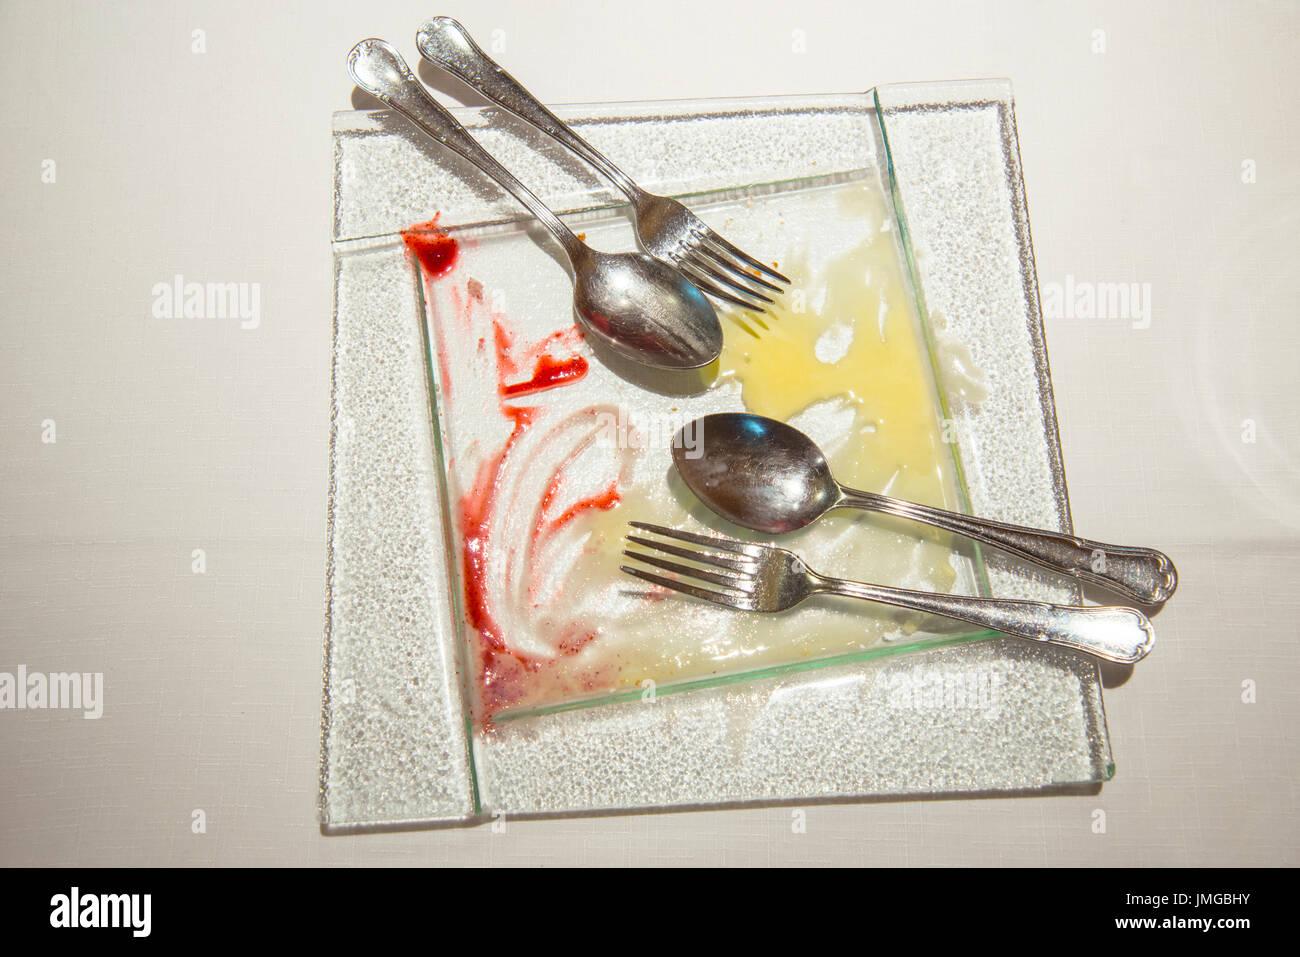 Plato Postre vacío con dos cucharas y dos horquillas. Imagen De Stock